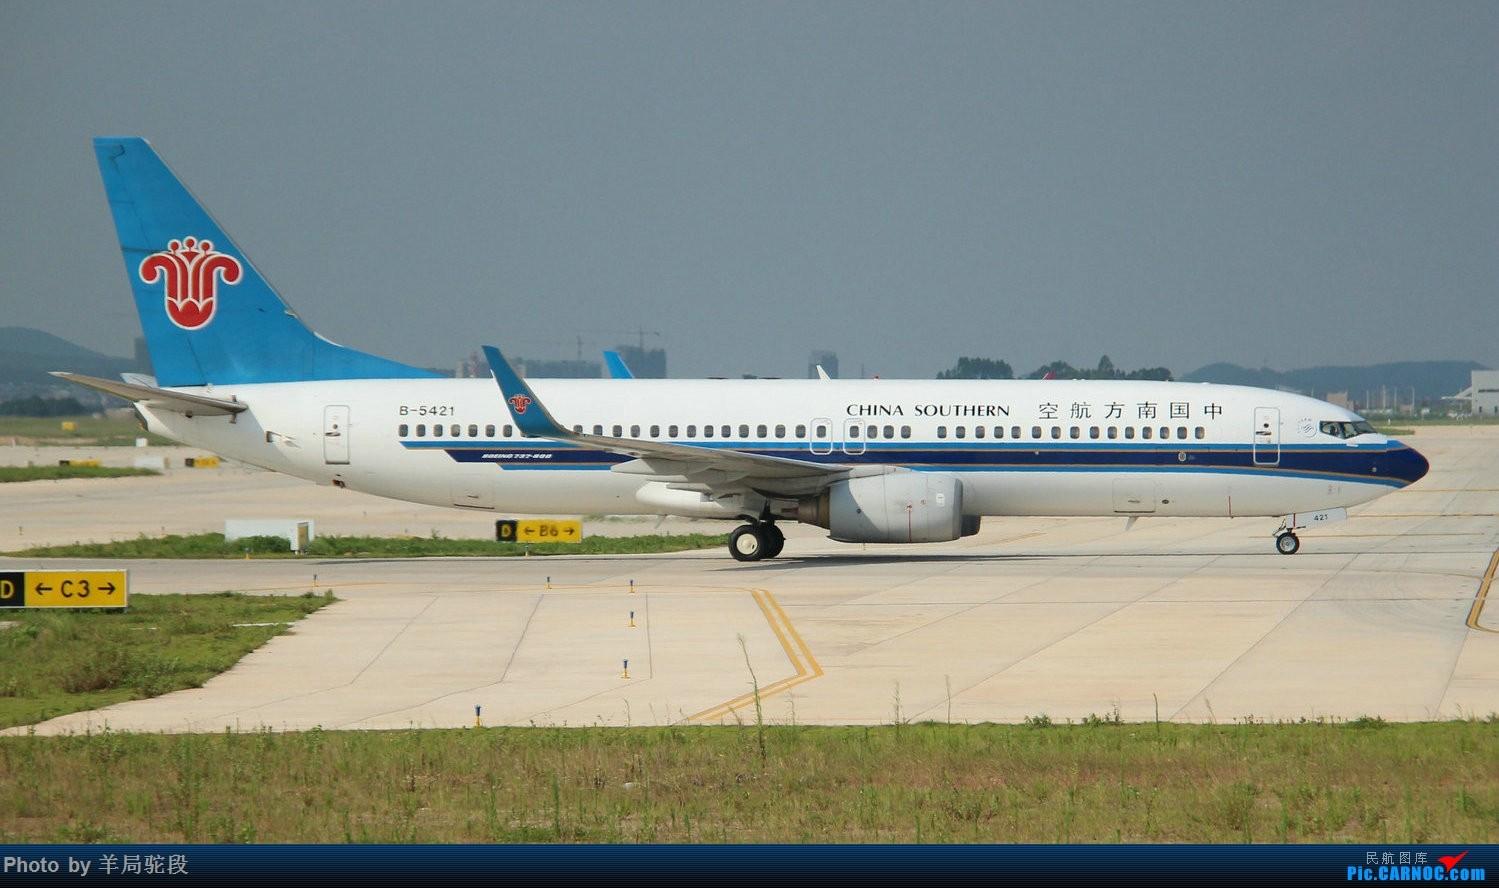 Re:[原创]『庆祝南航广西分公司成立22周年,广航现役18架737合集』 BOEING 737-800 B-5421 中国南宁吴圩国际机场